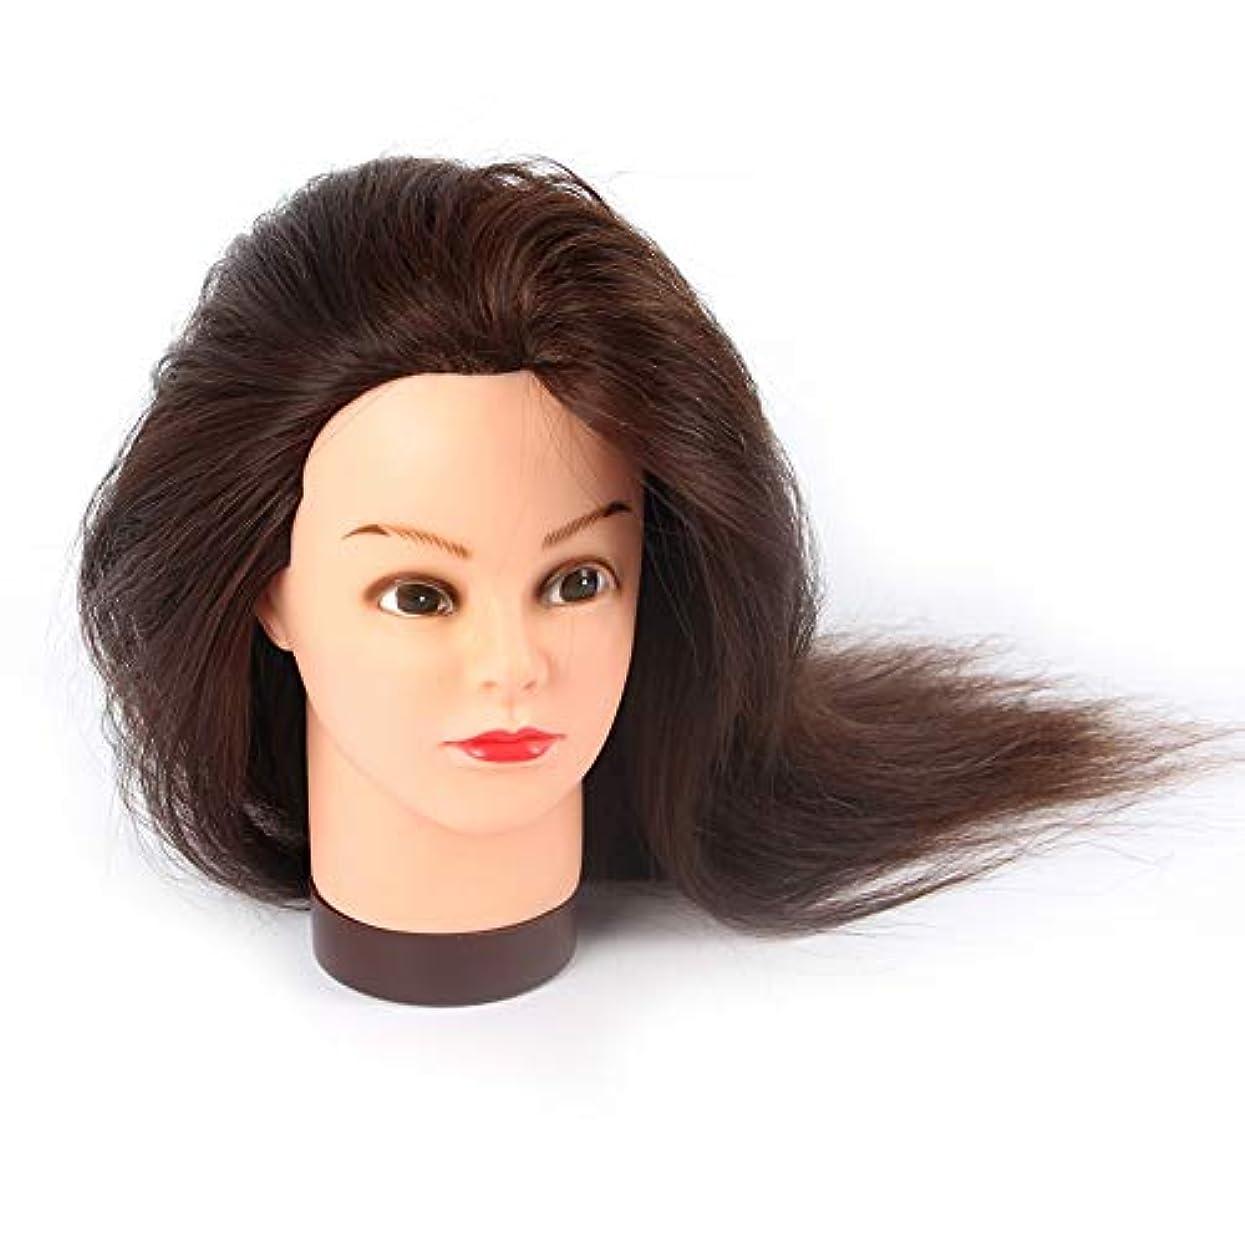 ペインティング孤独なオーディション花嫁メイクモデリング教育ヘッド本物の人物ヘアダミーヘッドモデル理髪店学習パーマ髪染めモデルヘッド